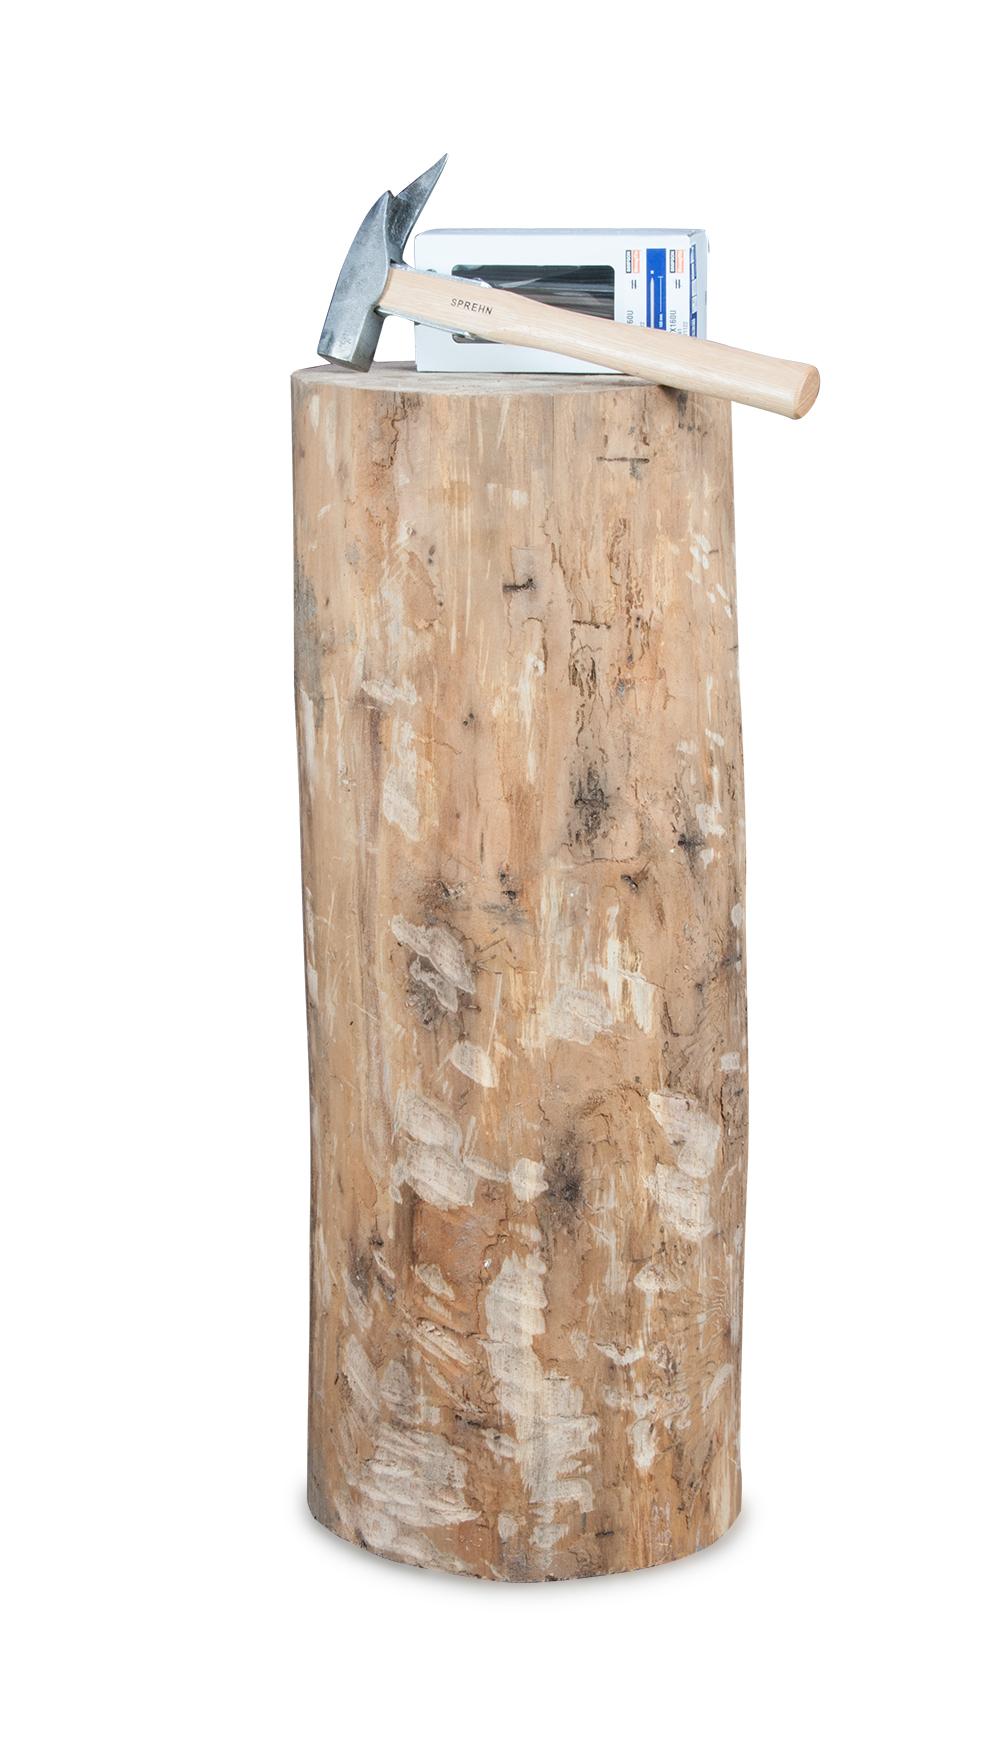 Image of   Slå søm i træstub - pakke med stub, hammer og søm